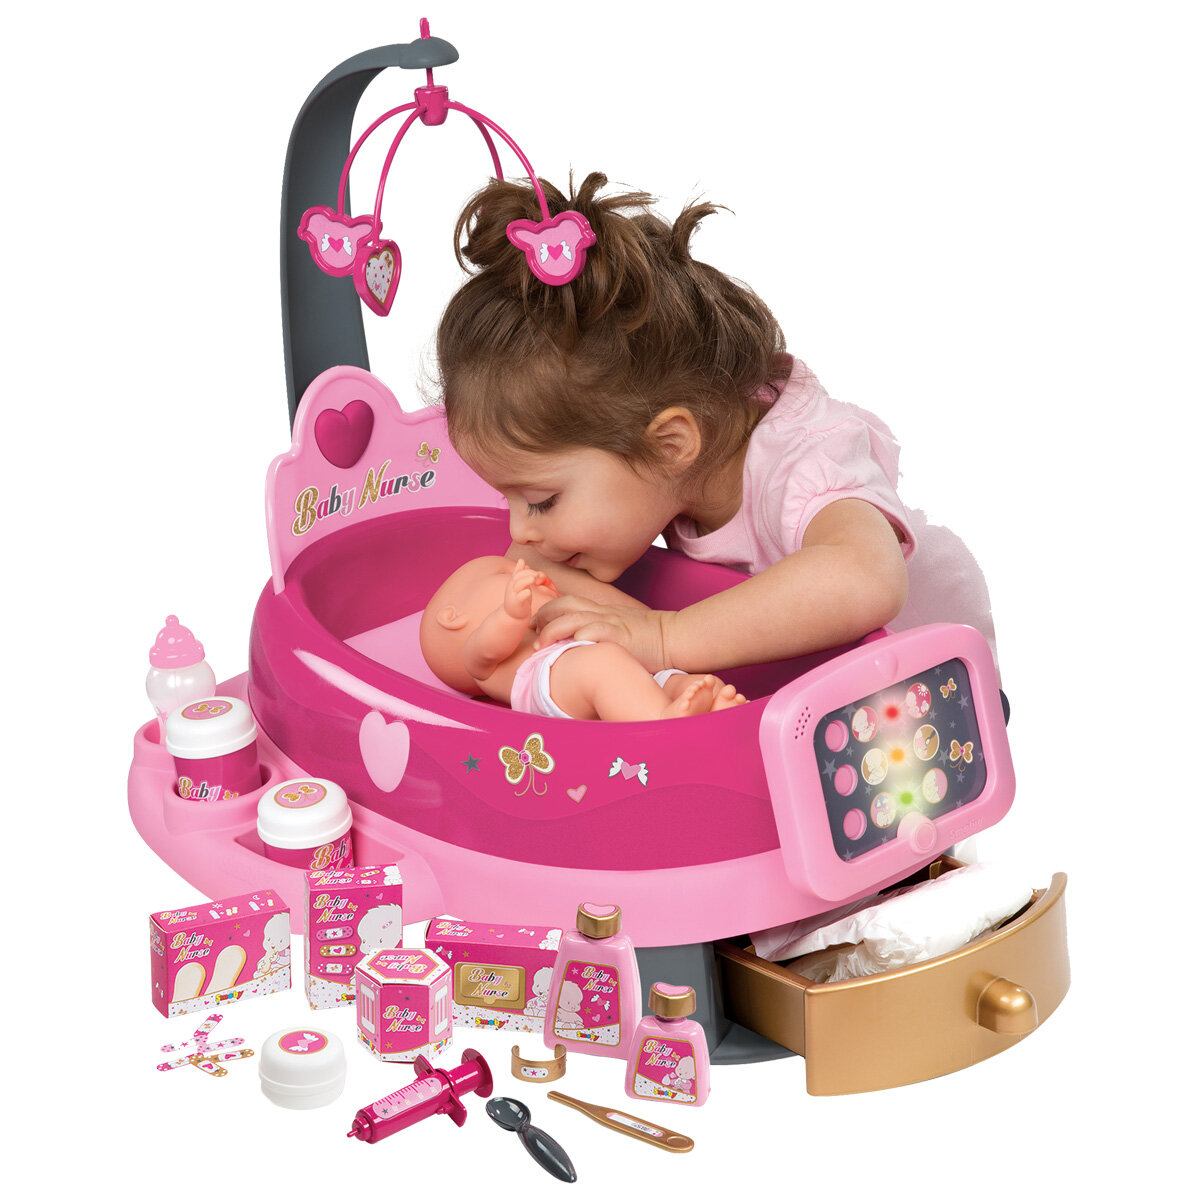 Что подарить девочке на 4 годика на день рождения